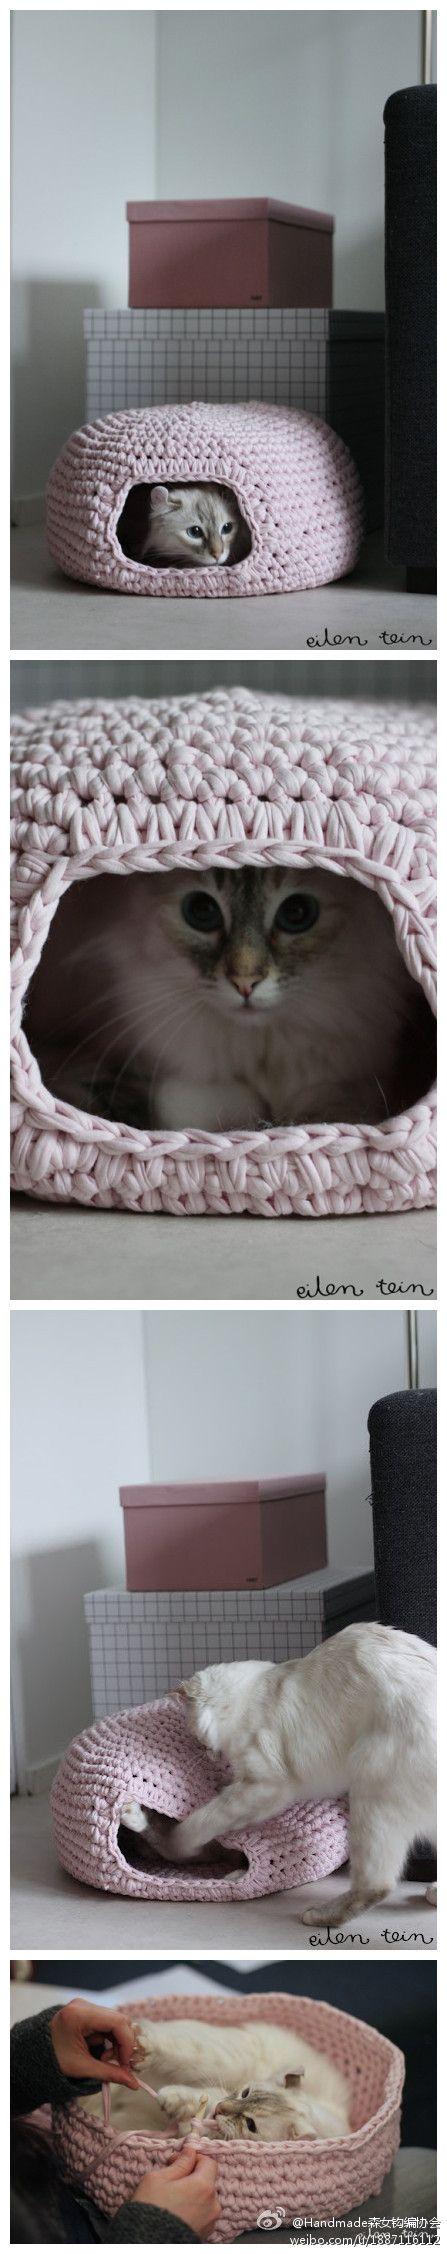 for the kitty cat :) I love this! @Virginia Kraljevic Kraljevic Wall